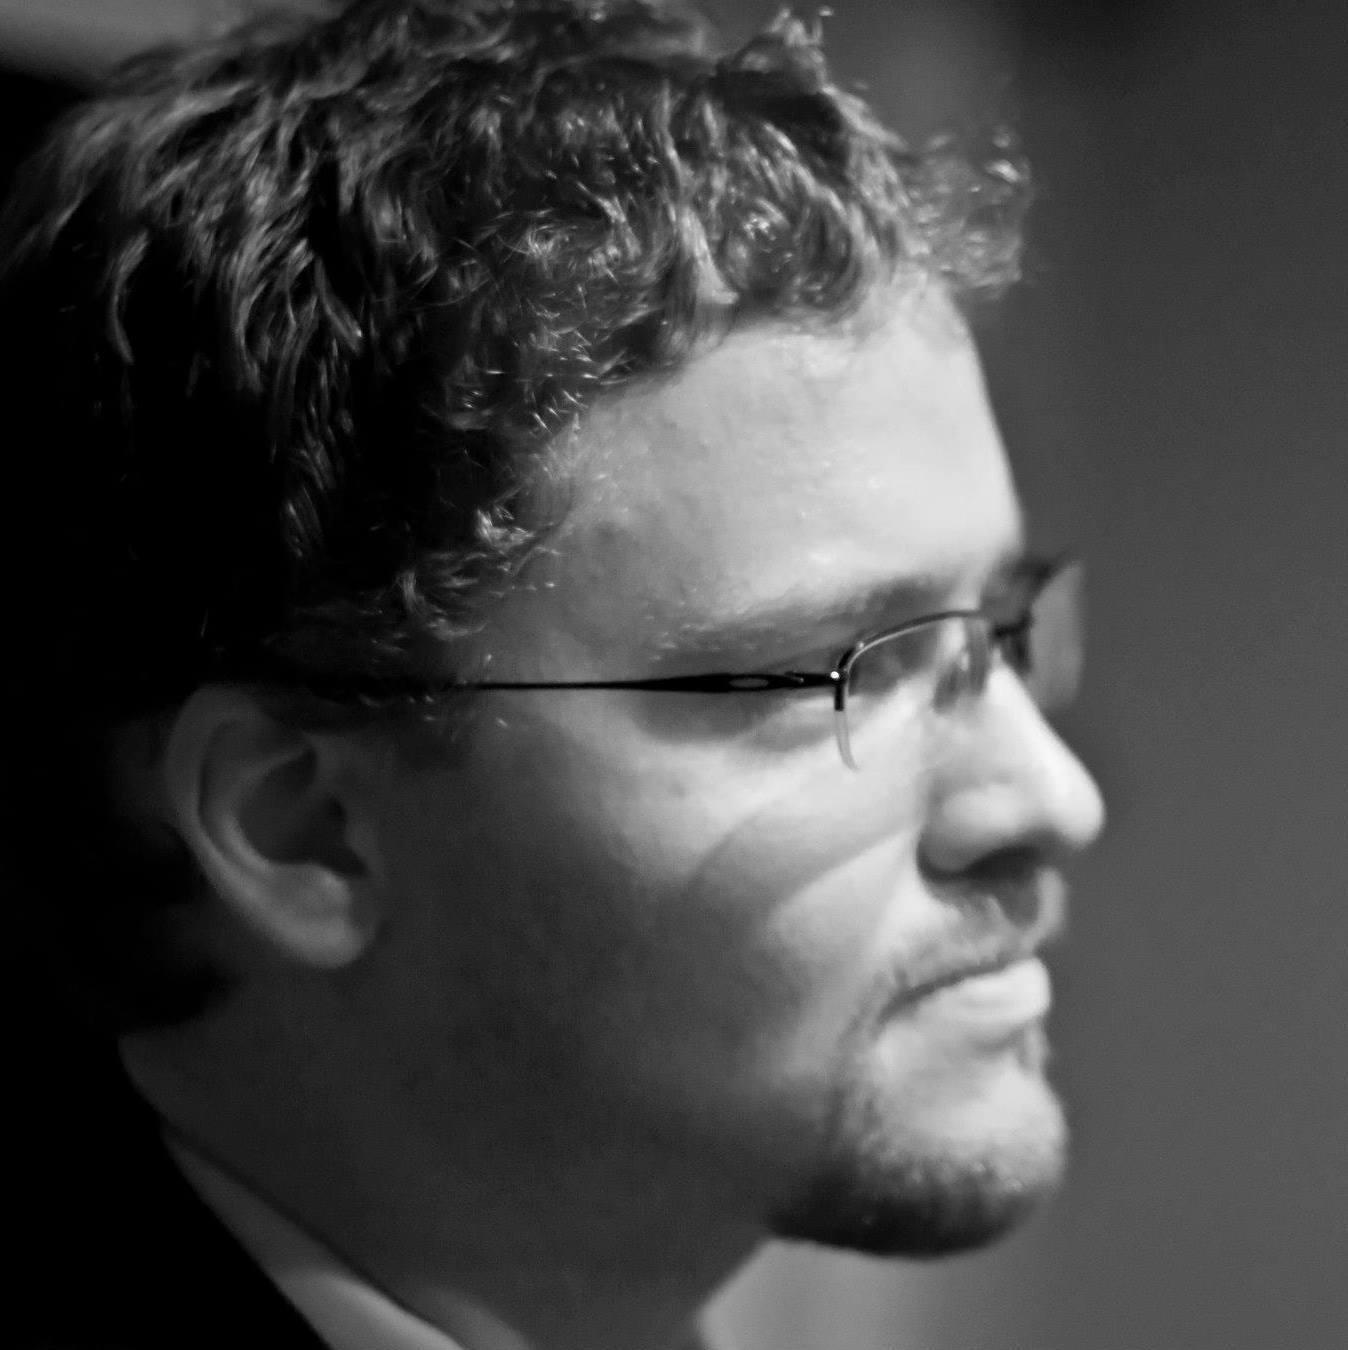 Chris Schmitt